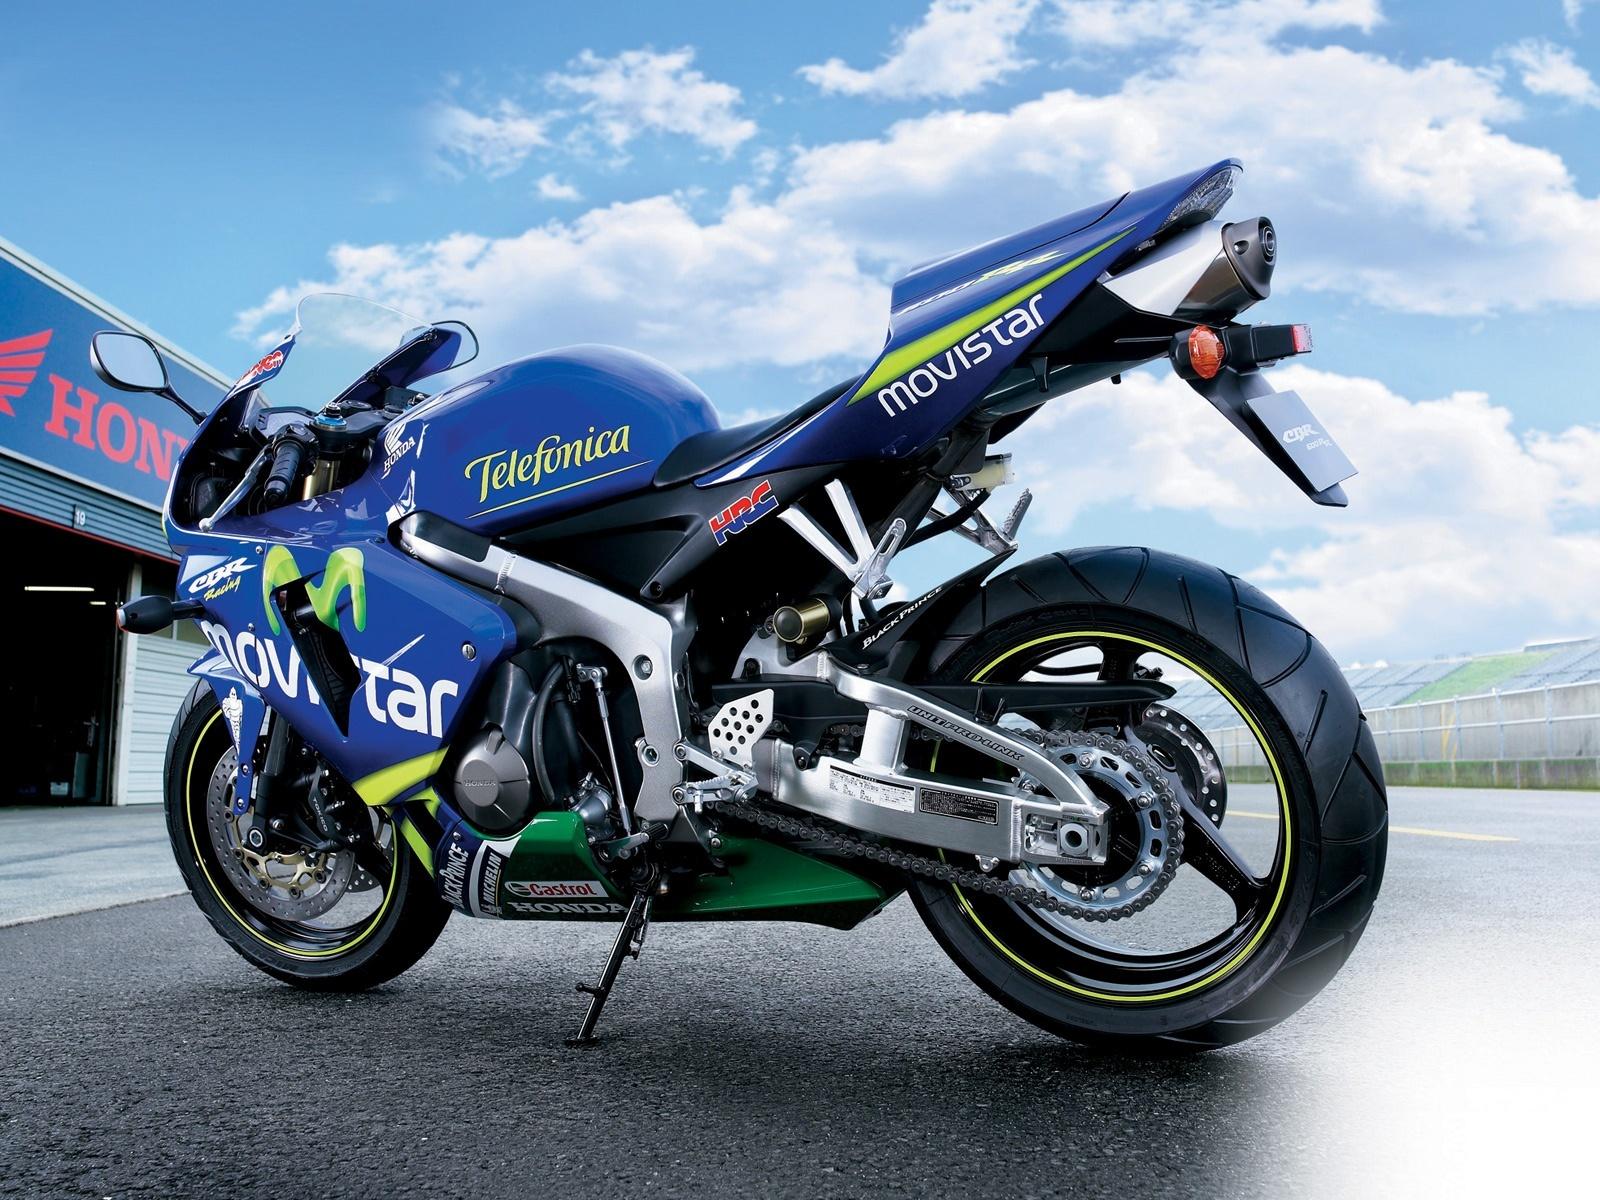 本田CBR 600RR摩托车 壁纸